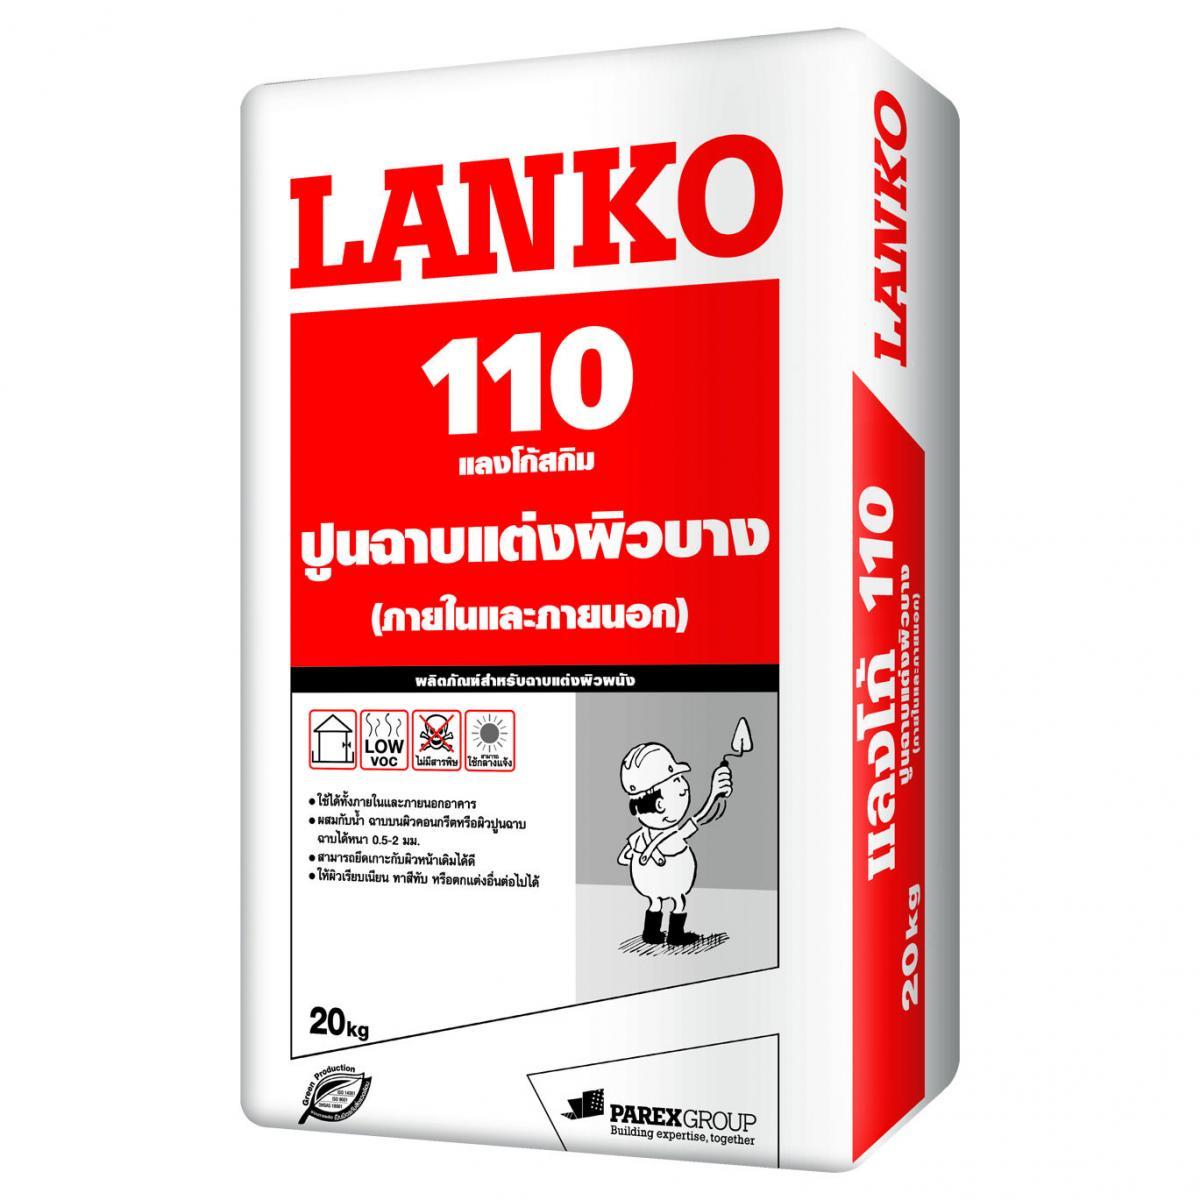 LANKO 110